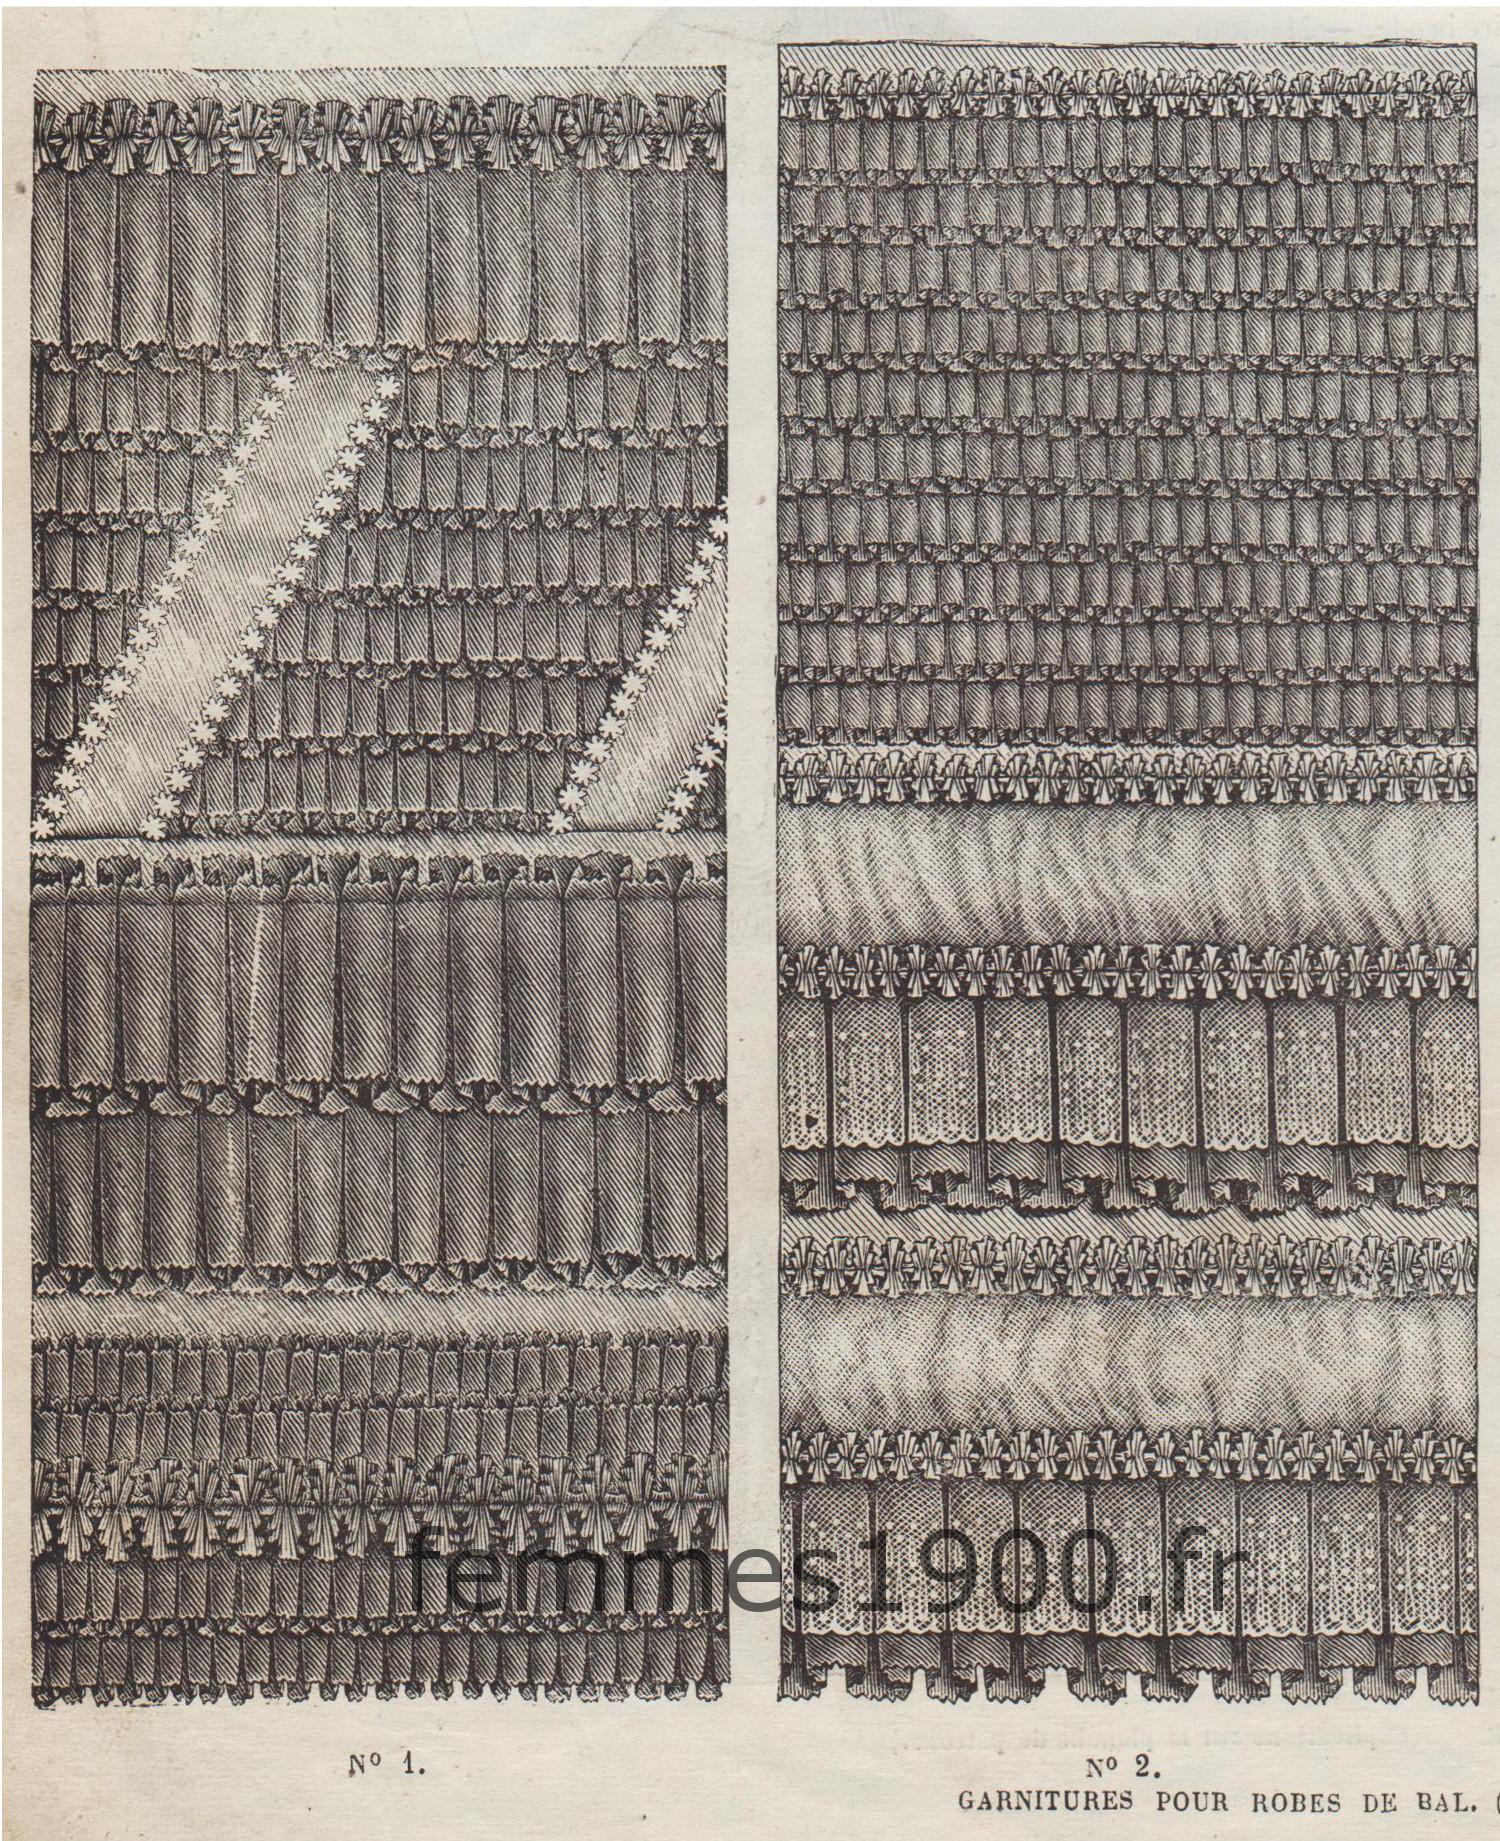 garniture de robes de bal 1870